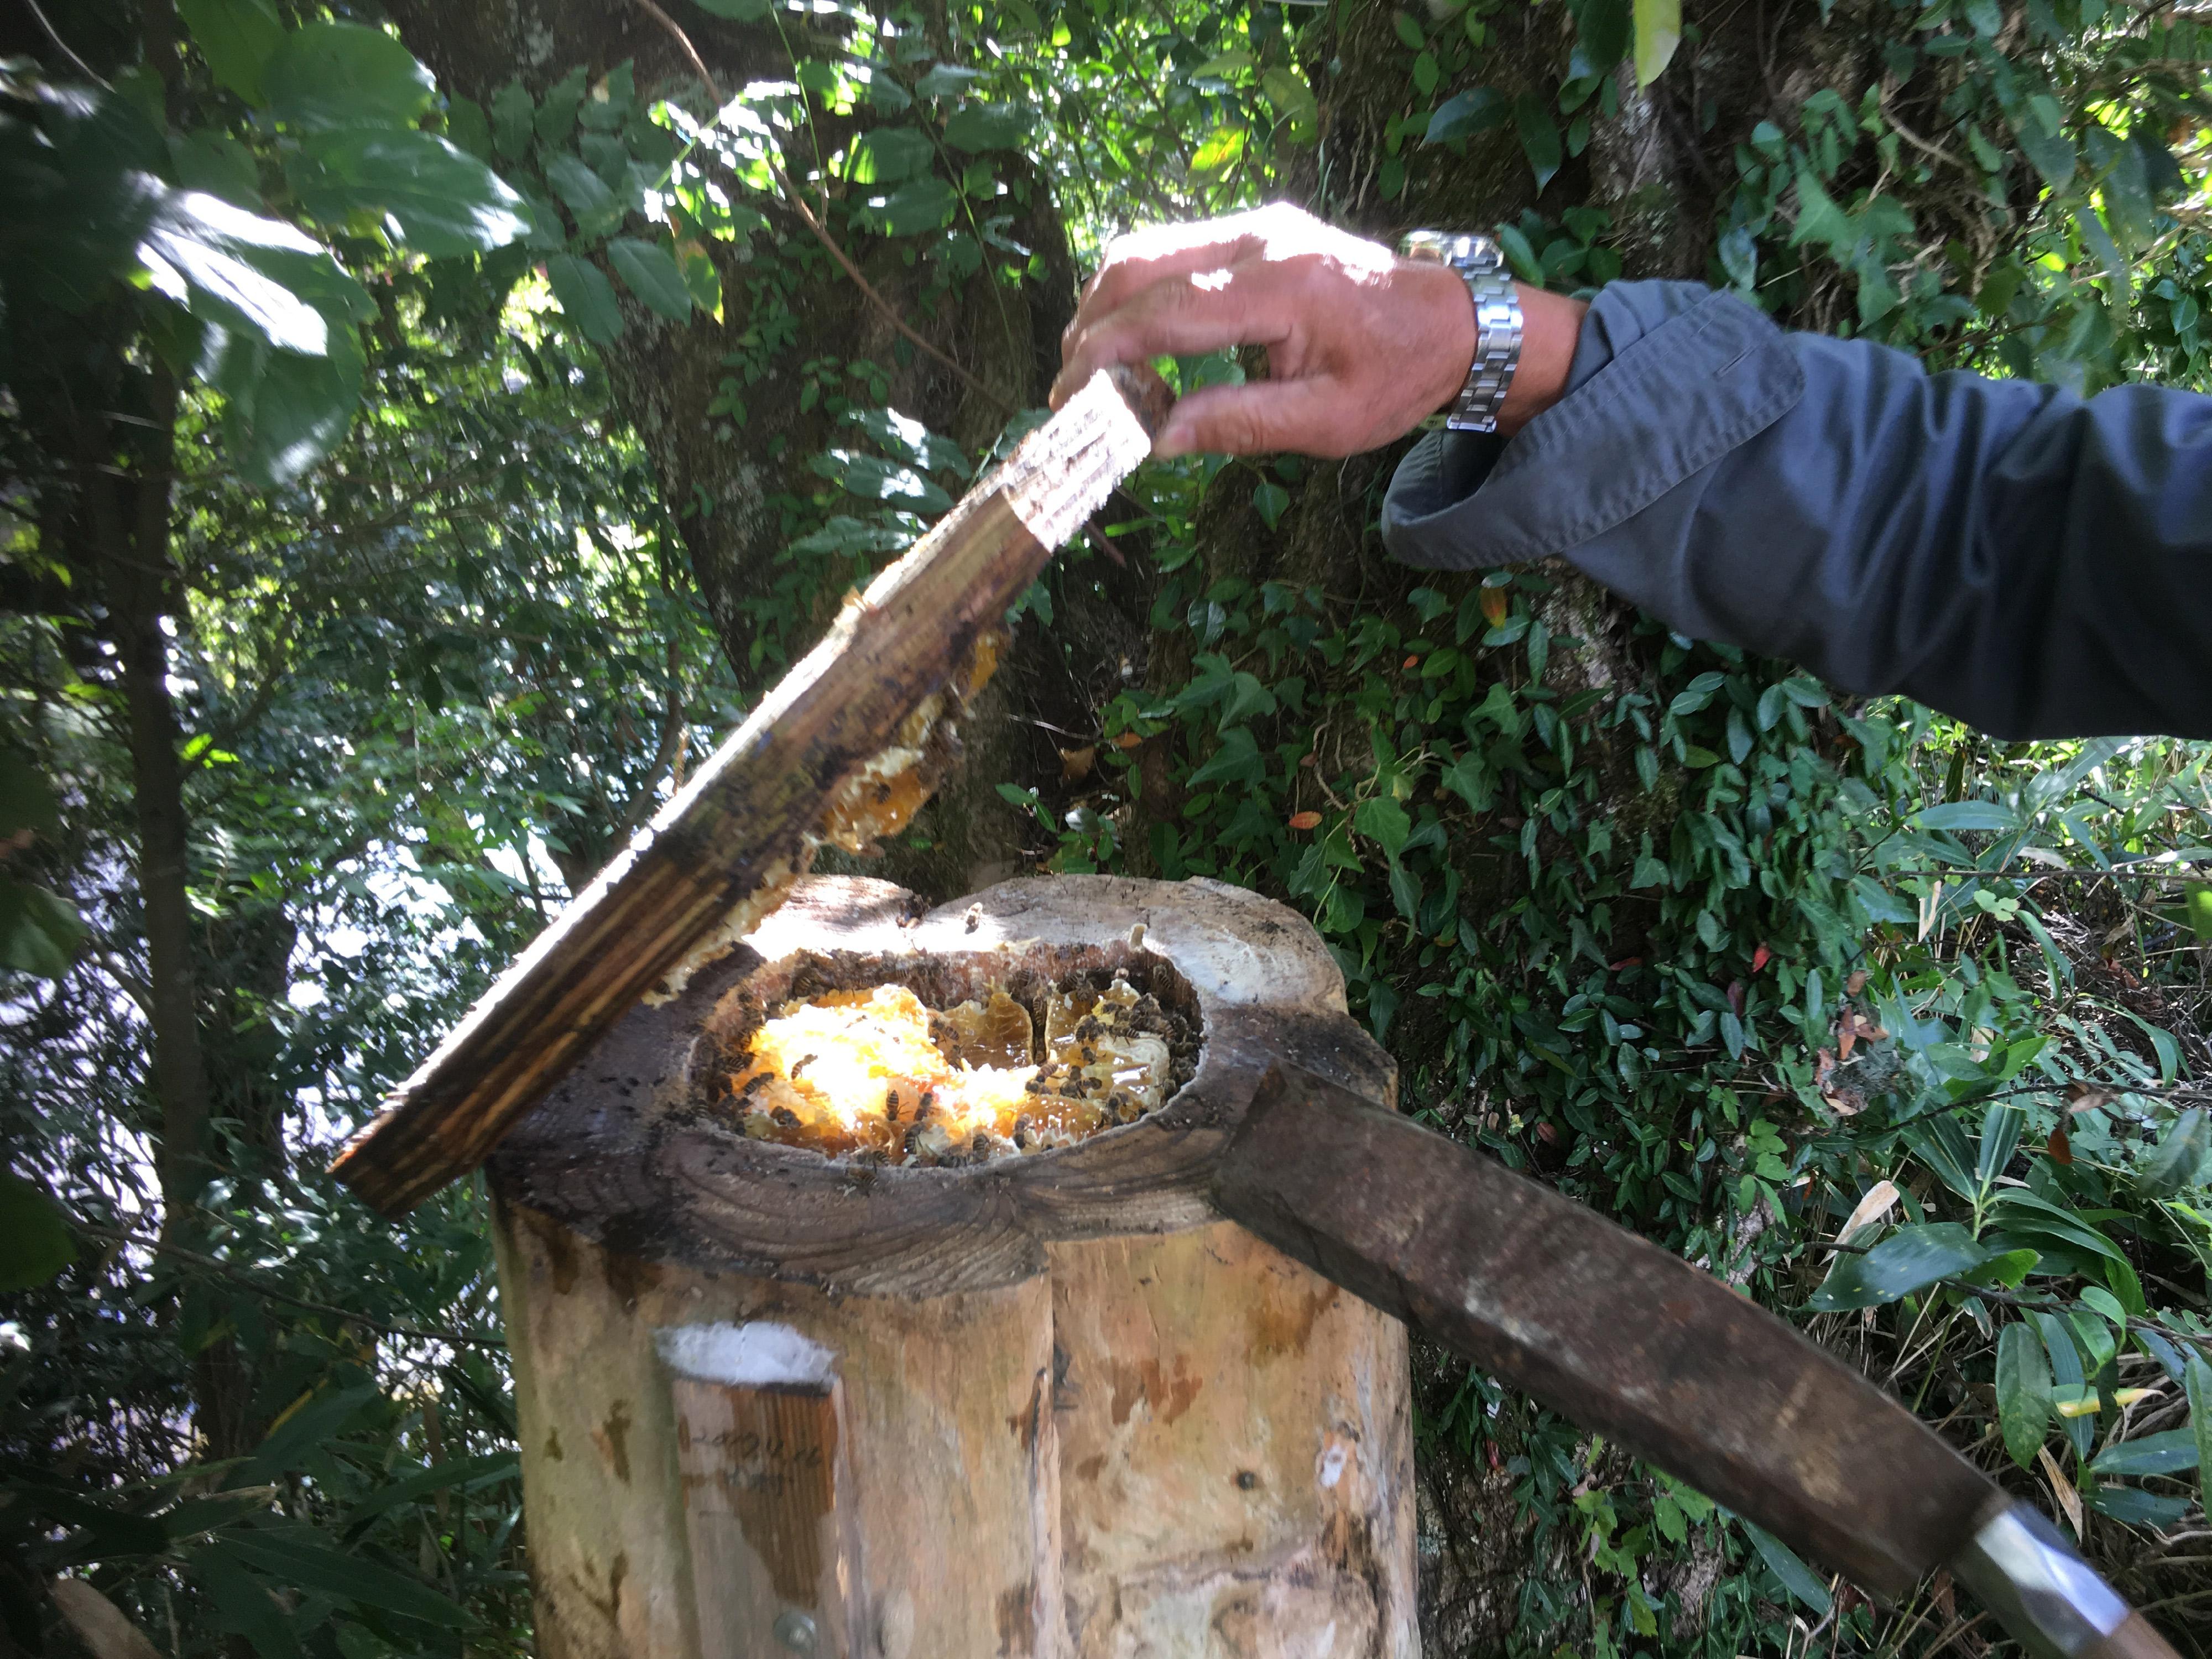 巣蜜がギッシリつまった丸洞タイプの日本ミツバチの巣